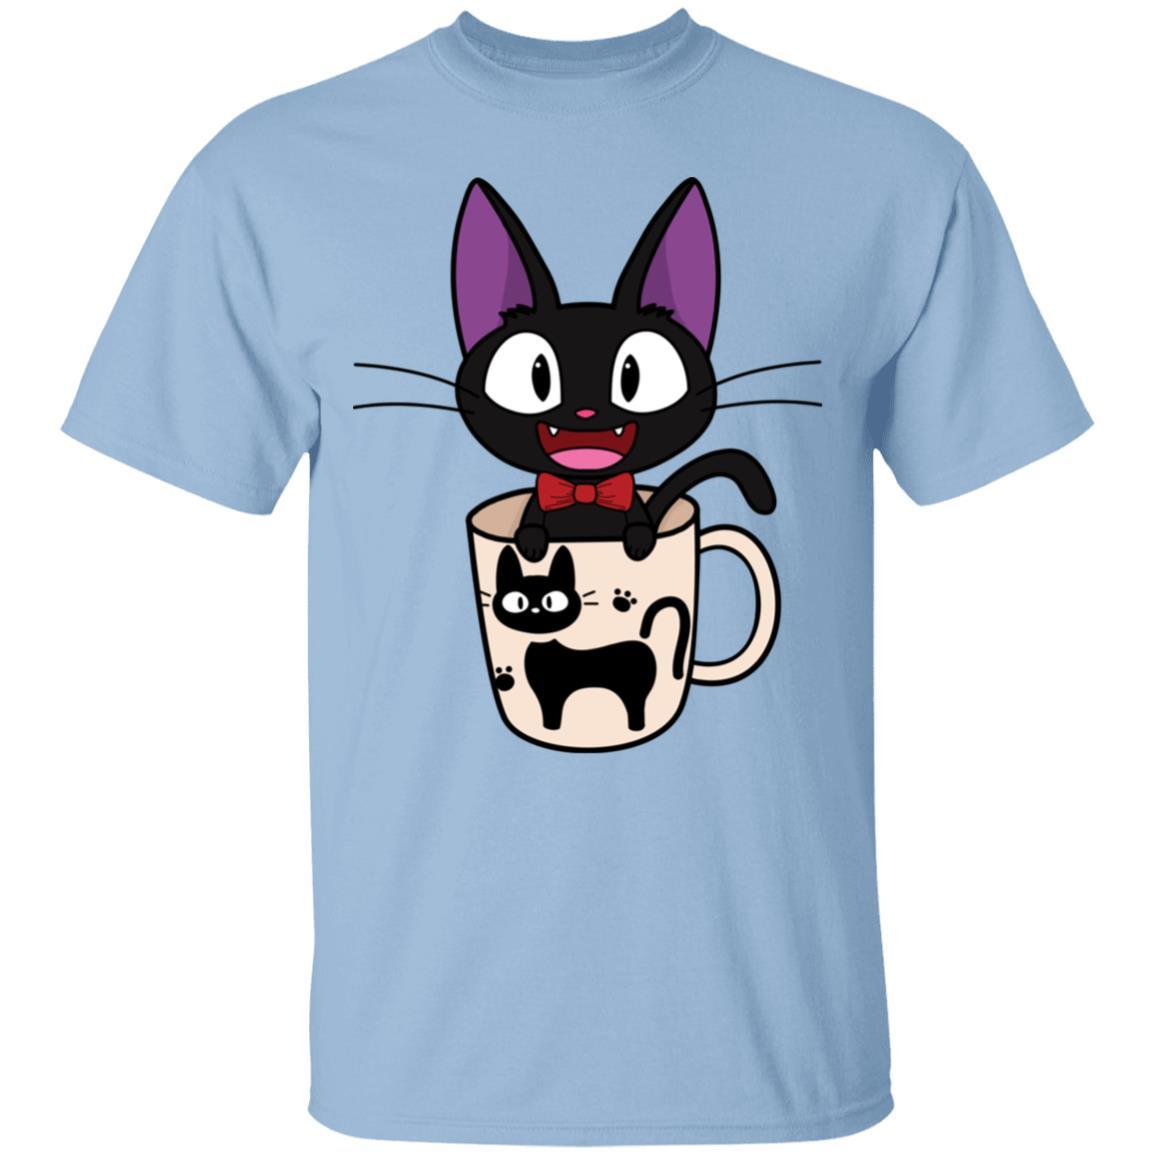 Jiji in the Cat Cup T Shirt